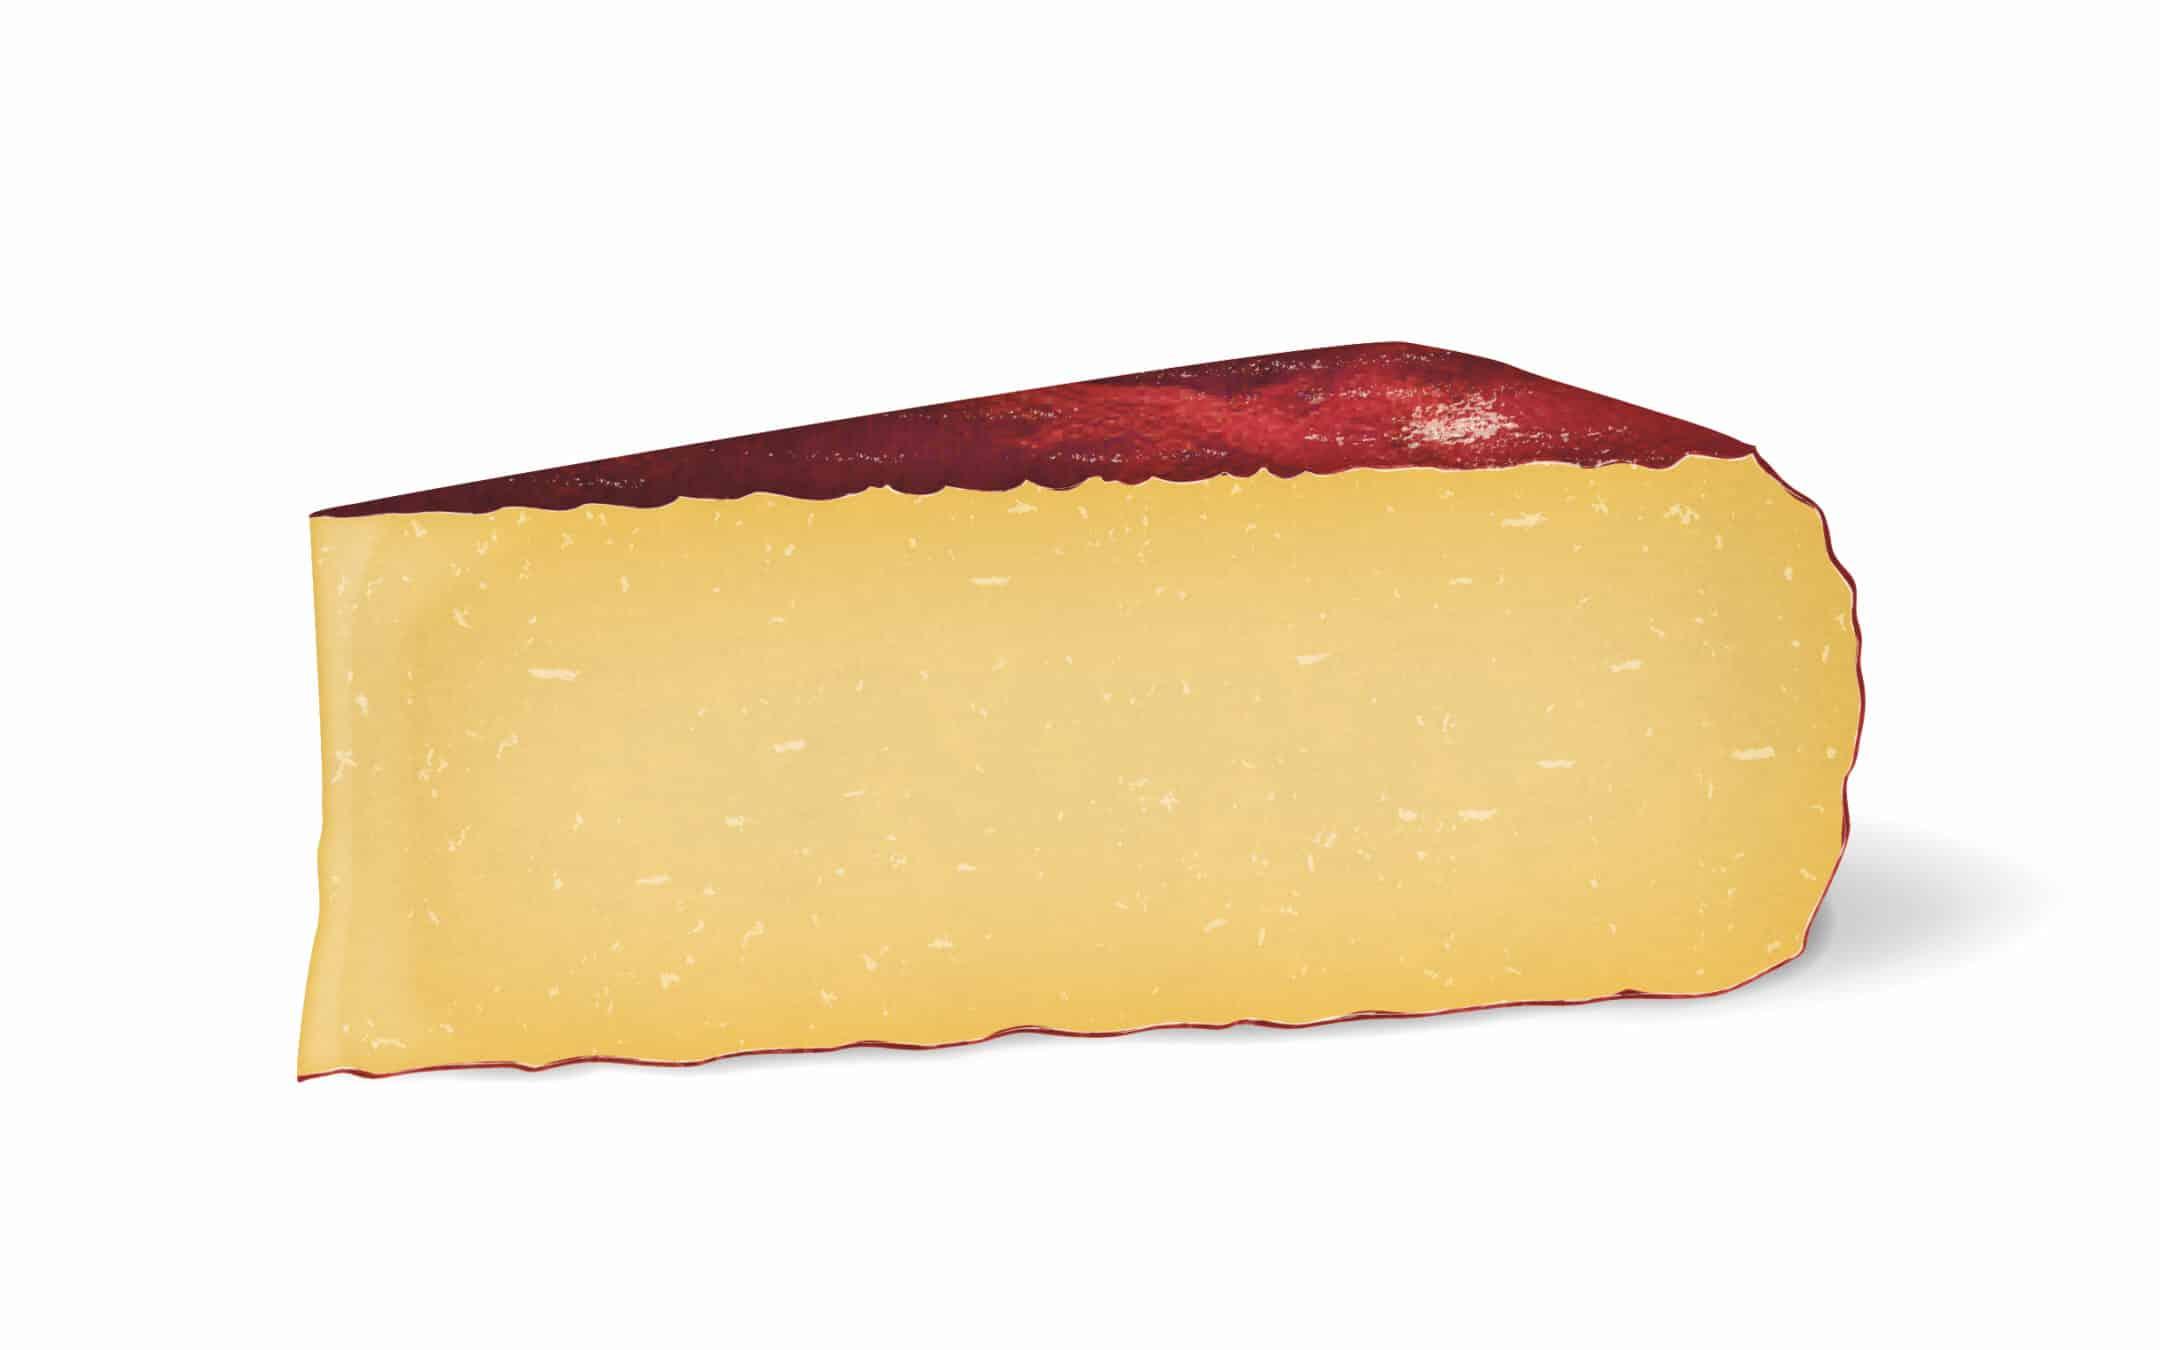 6 hotte oste netop nu